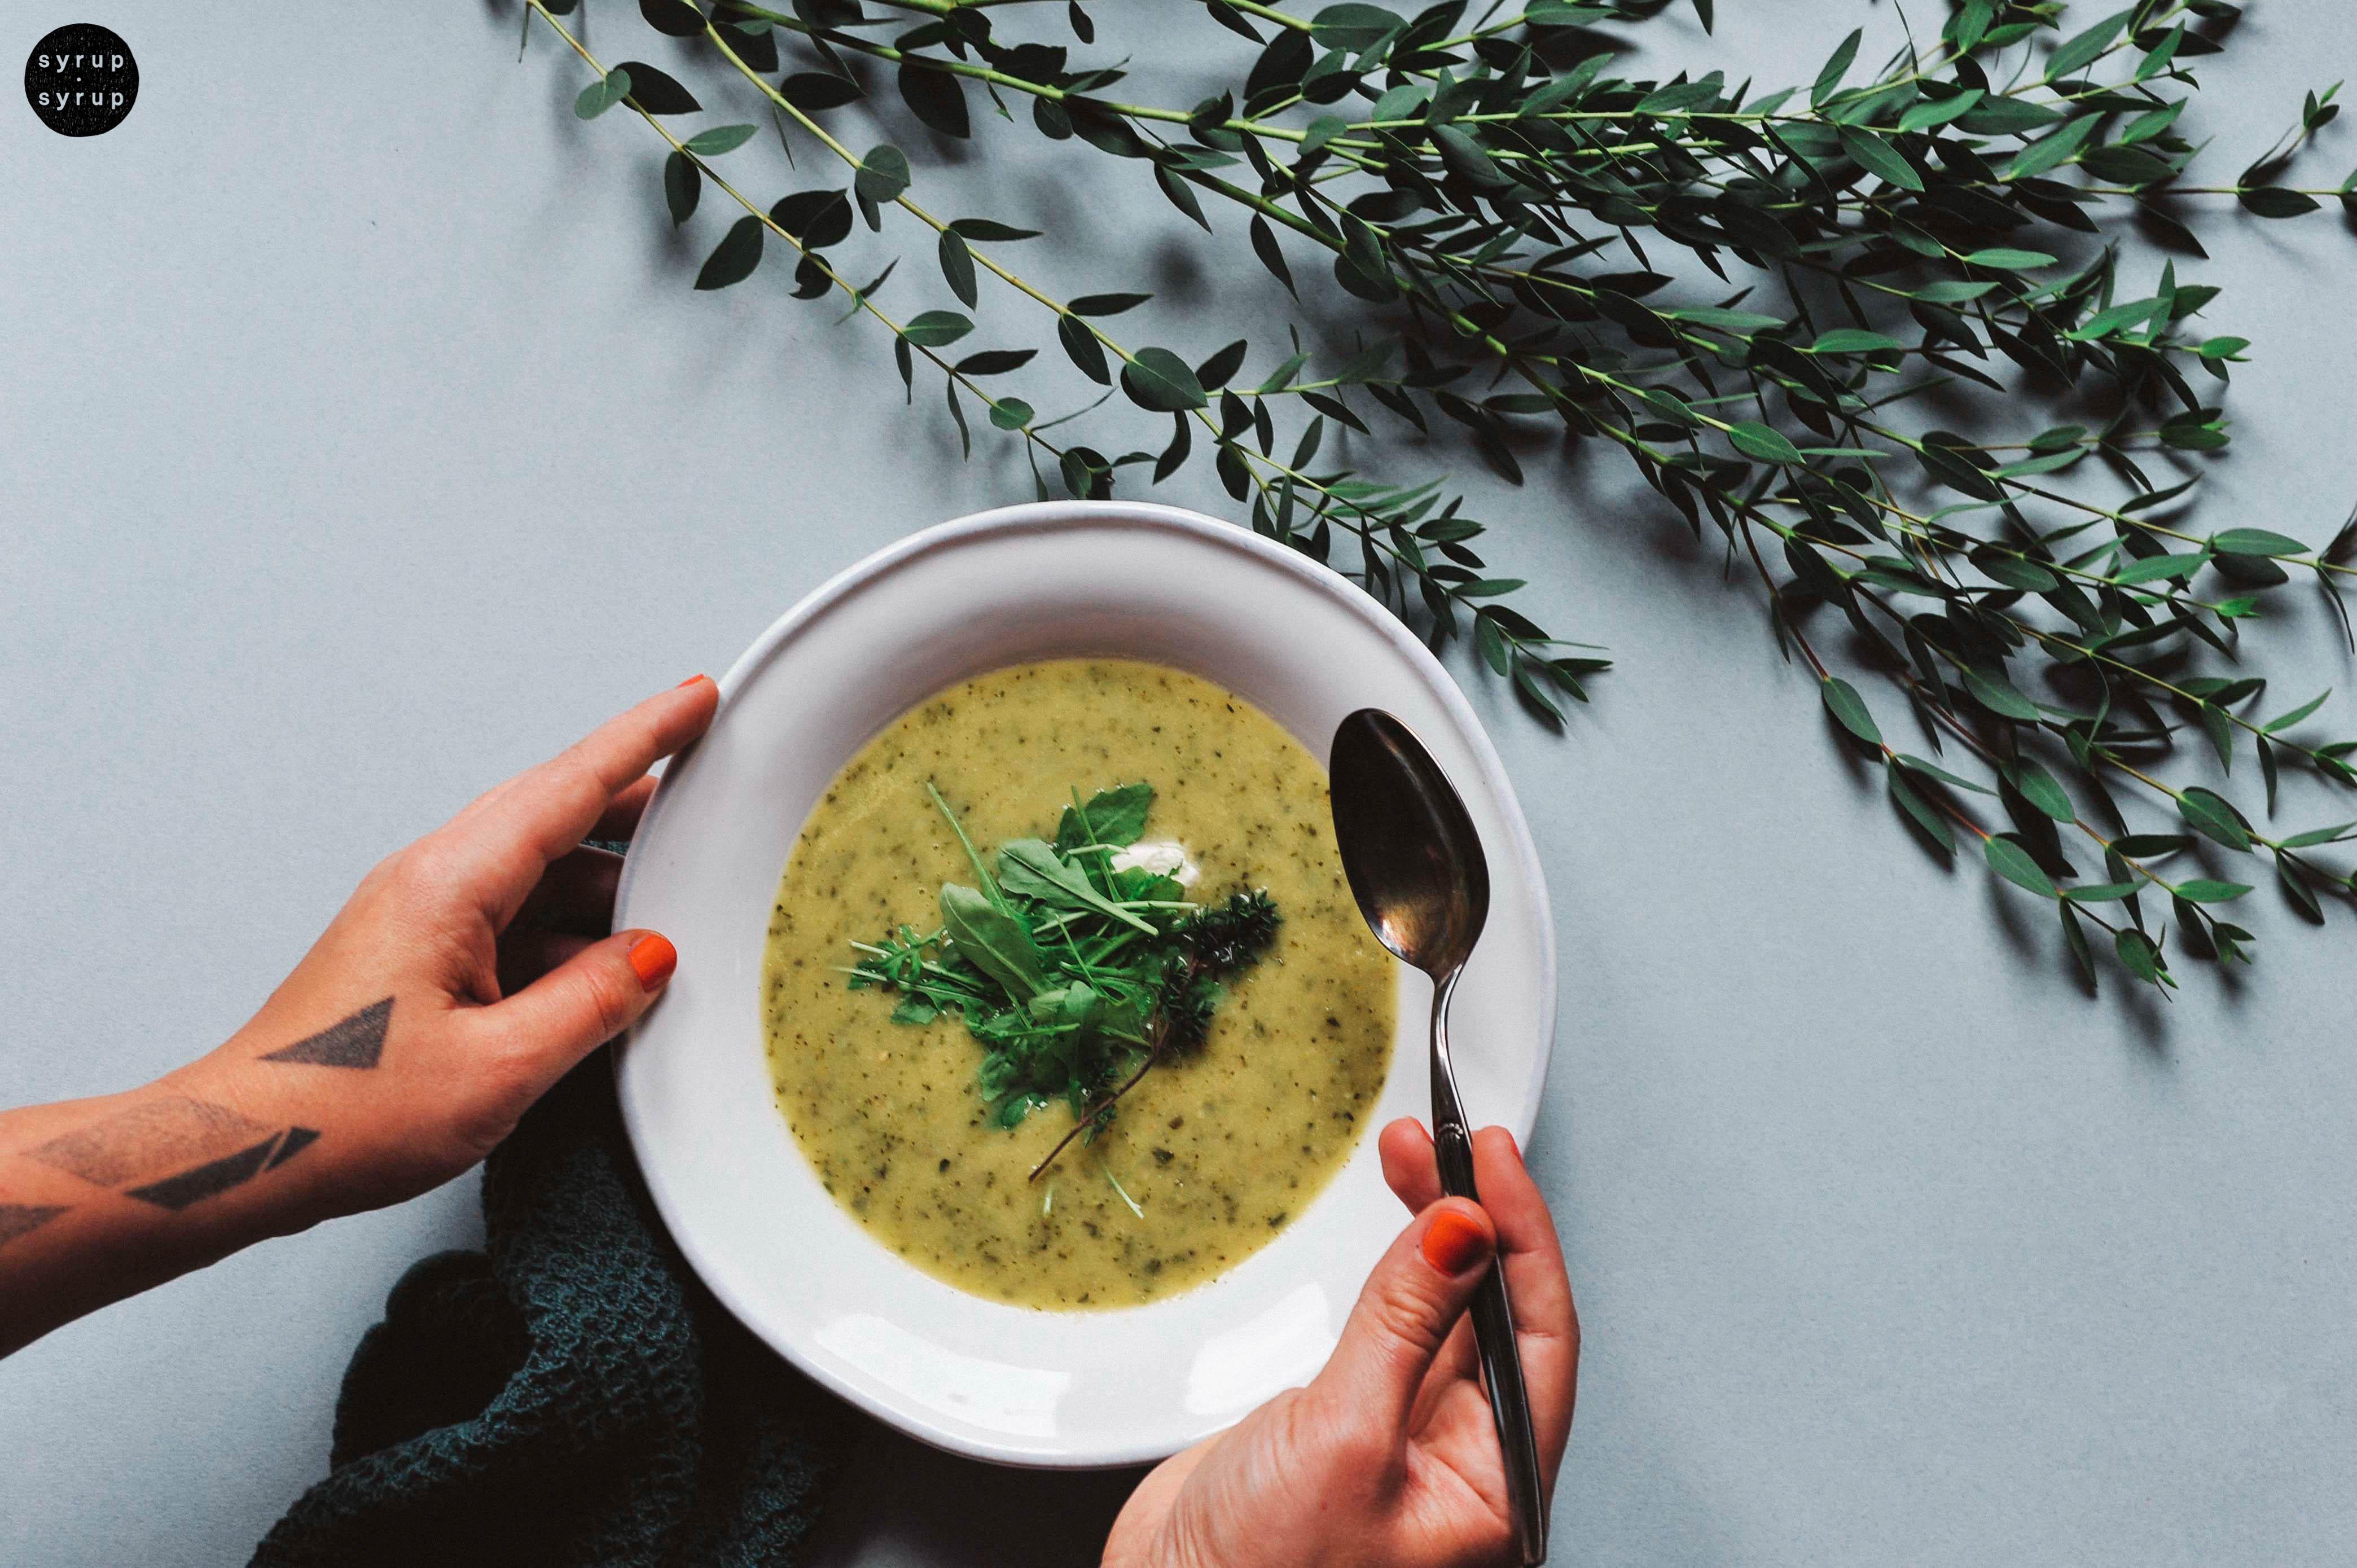 vegane zucchini suppe 06 1 - Cremige Zucchinisuppe